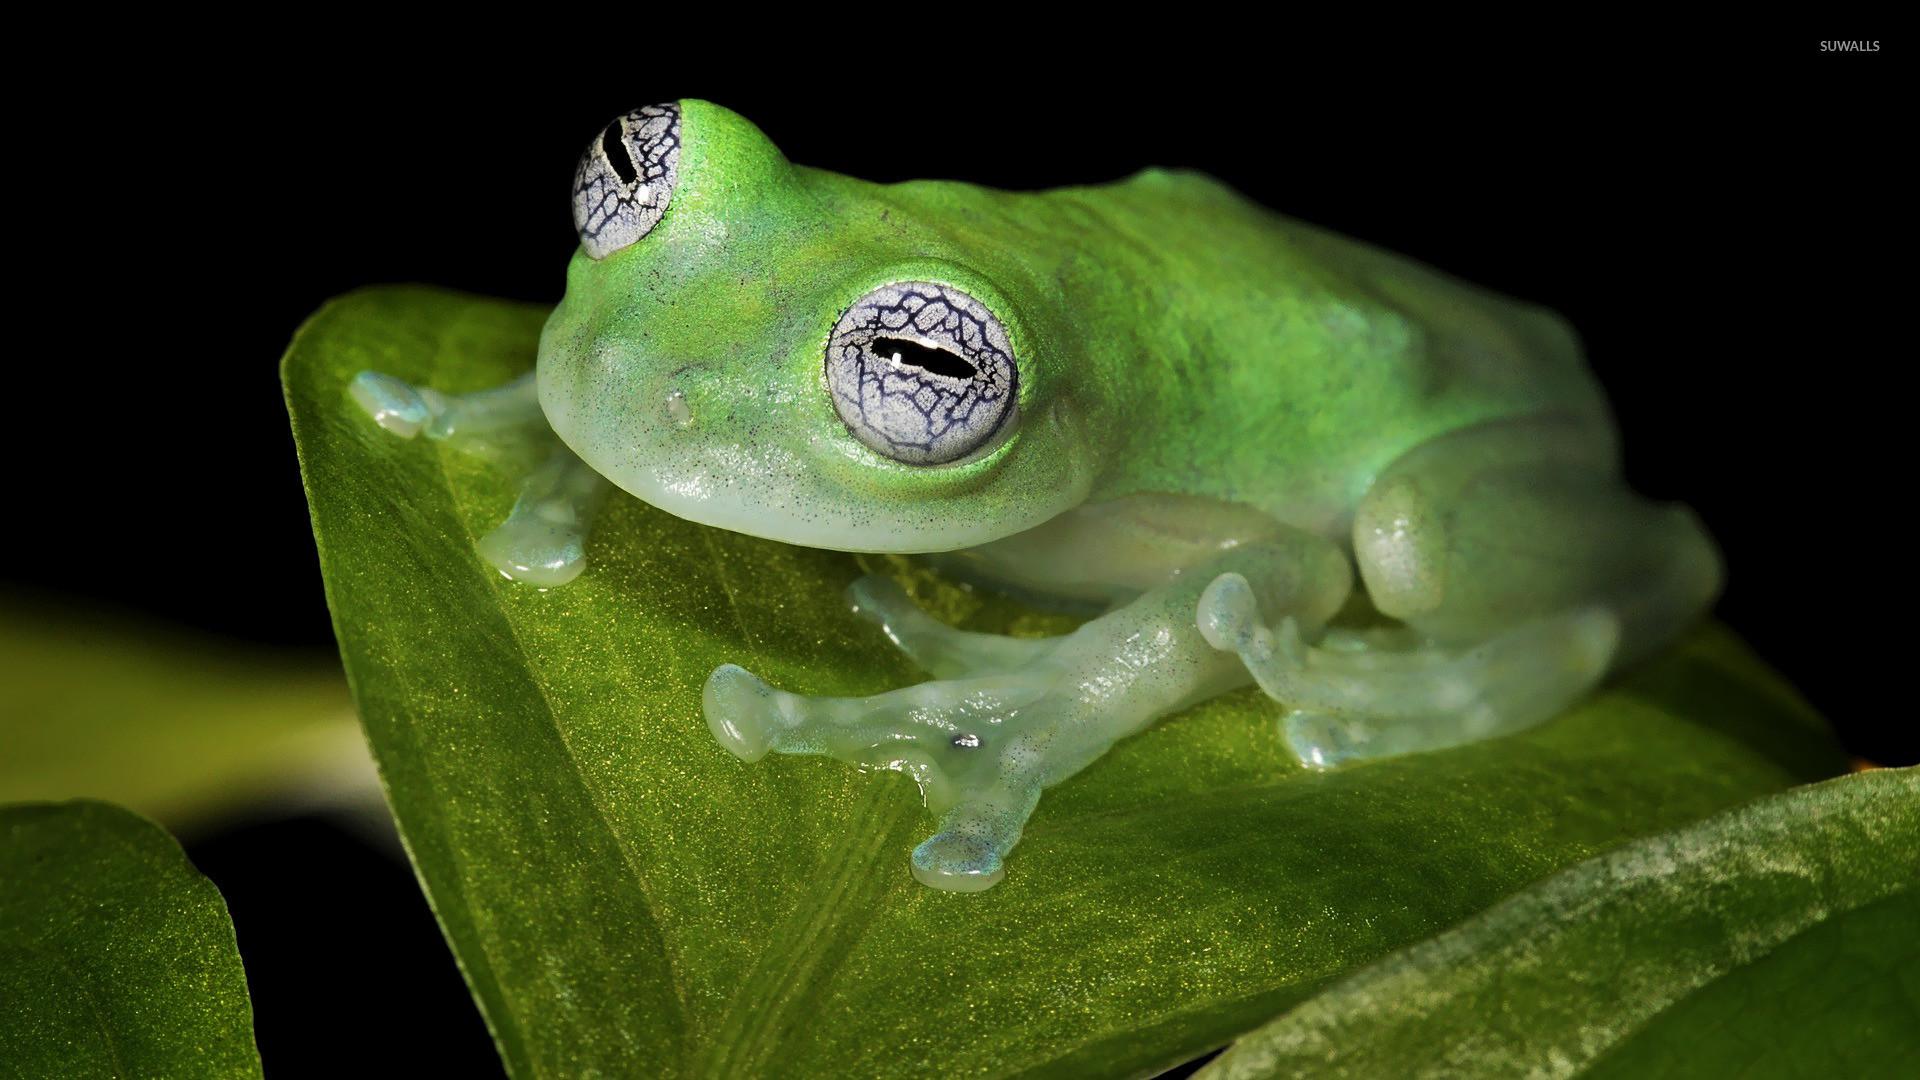 Glass frog wallpaper jpg